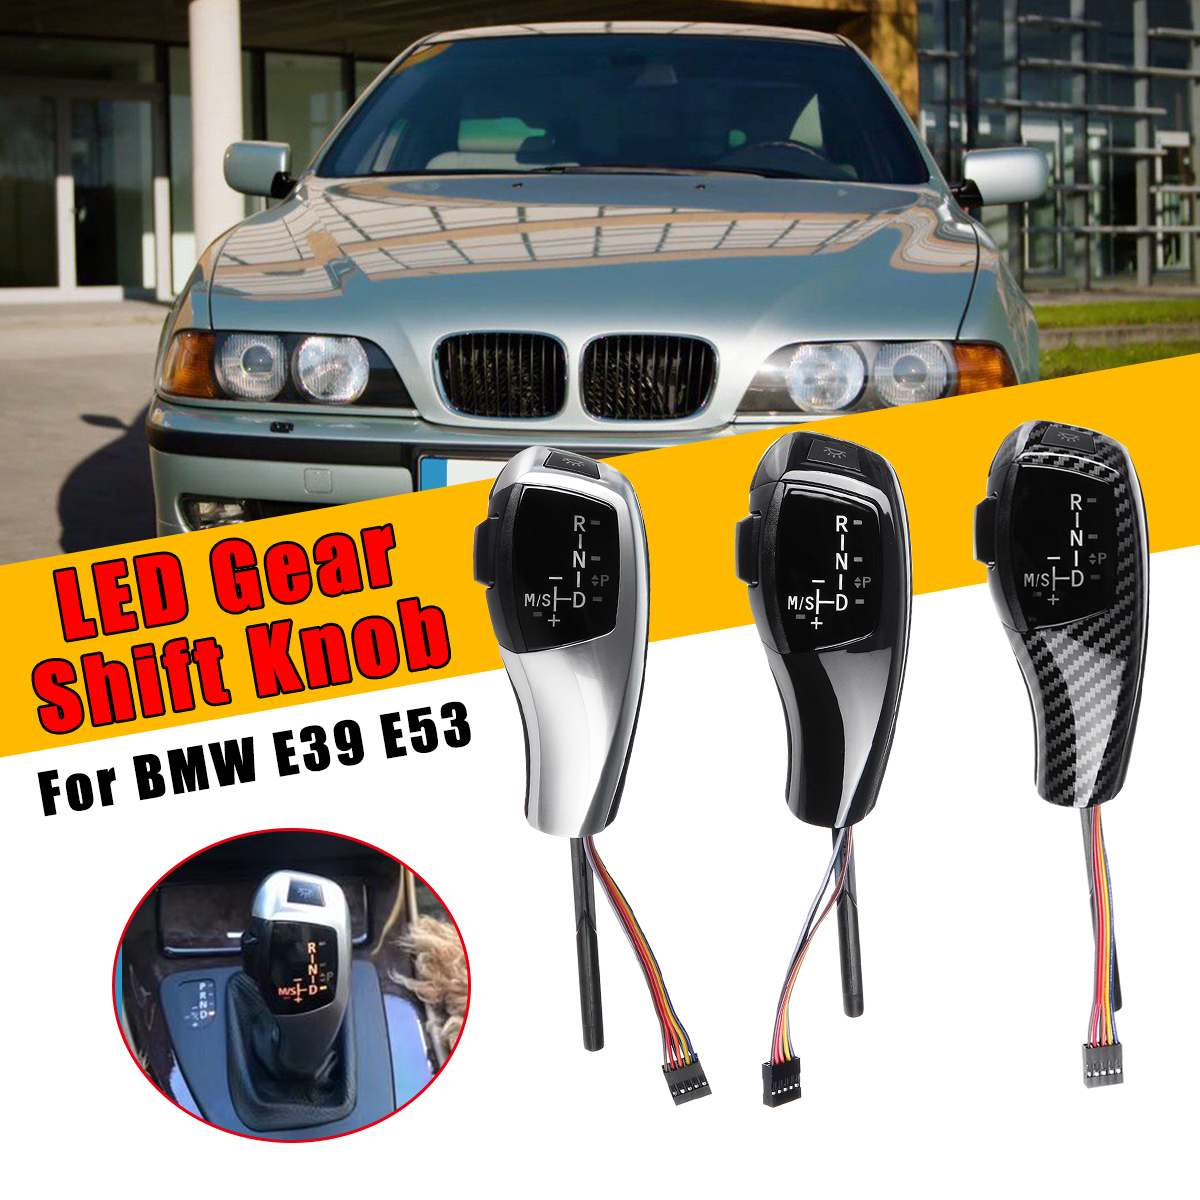 LED levier de levier de levier de vitesse manuel LHD bouton automatique pour E39 4D berline/E39 5D 1996-03 E53 facelifté 2004-06